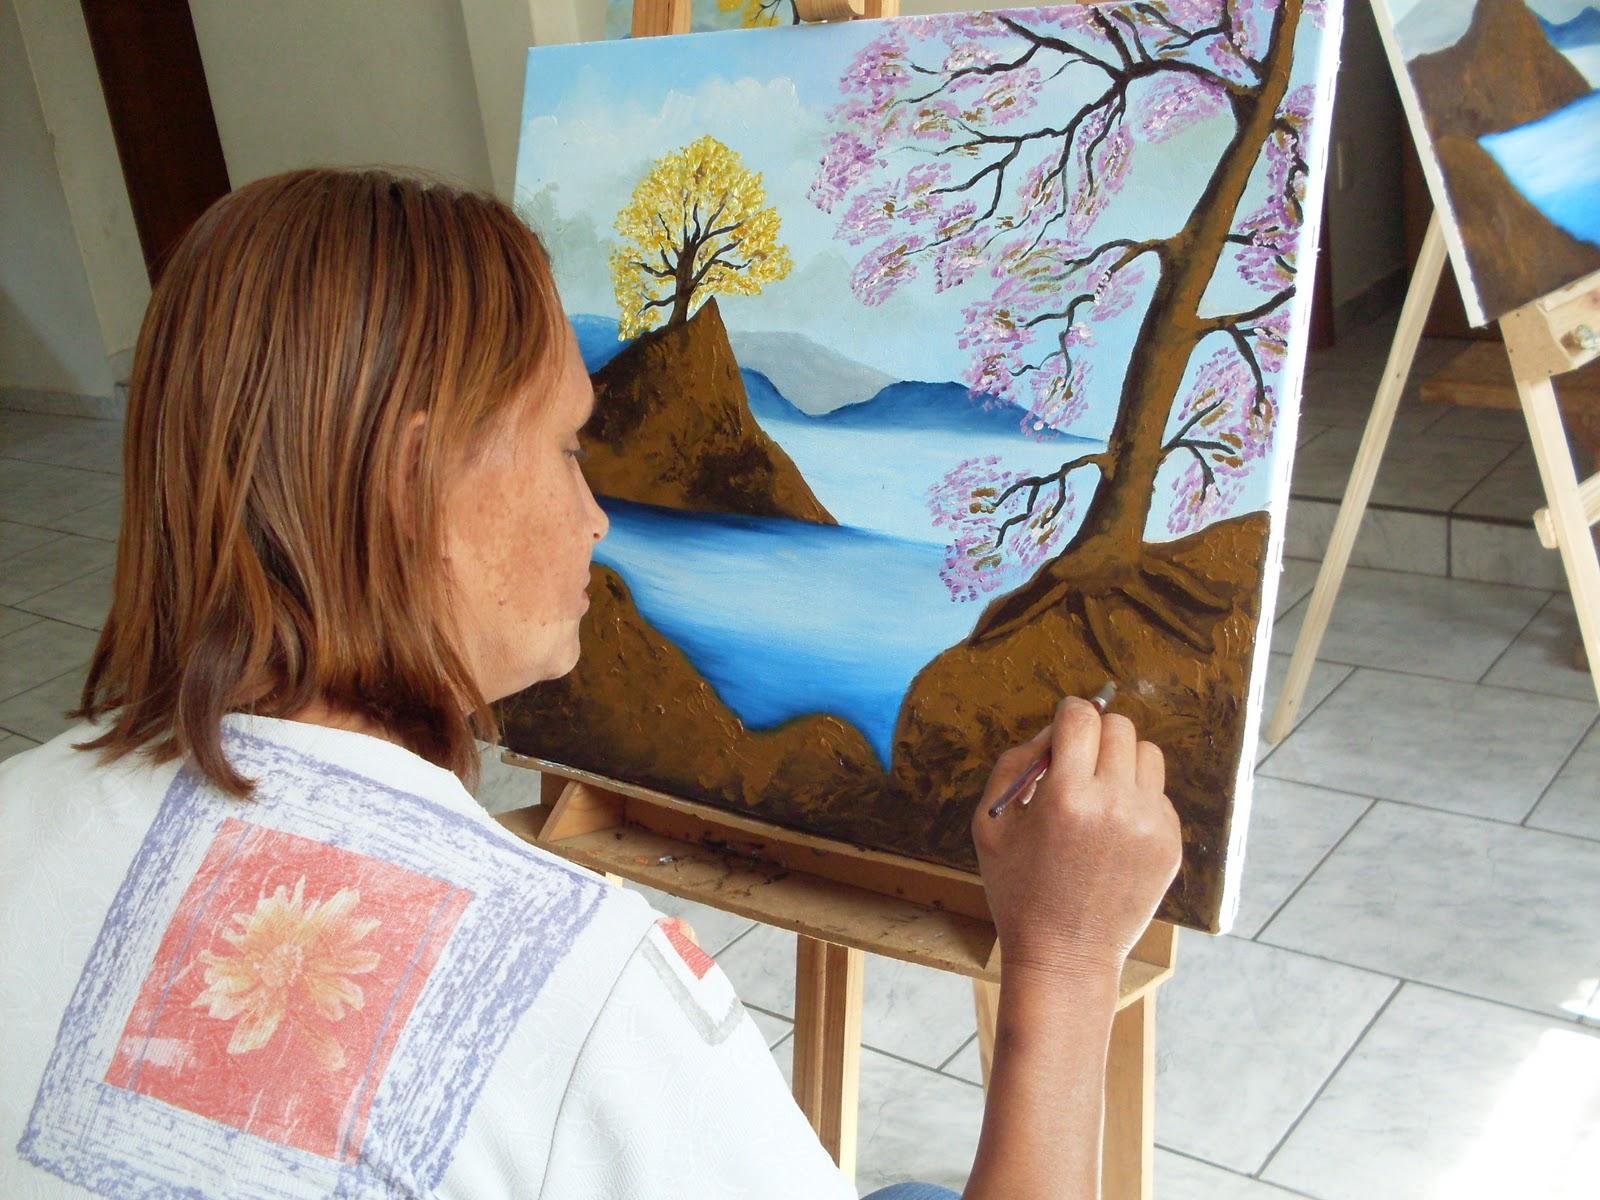 Confira algumas técnicas de pintura de telas e quadros com tinta a óleo para iniciantes que são ensinadas em cursos gratuitos (Foto: Divulgação)